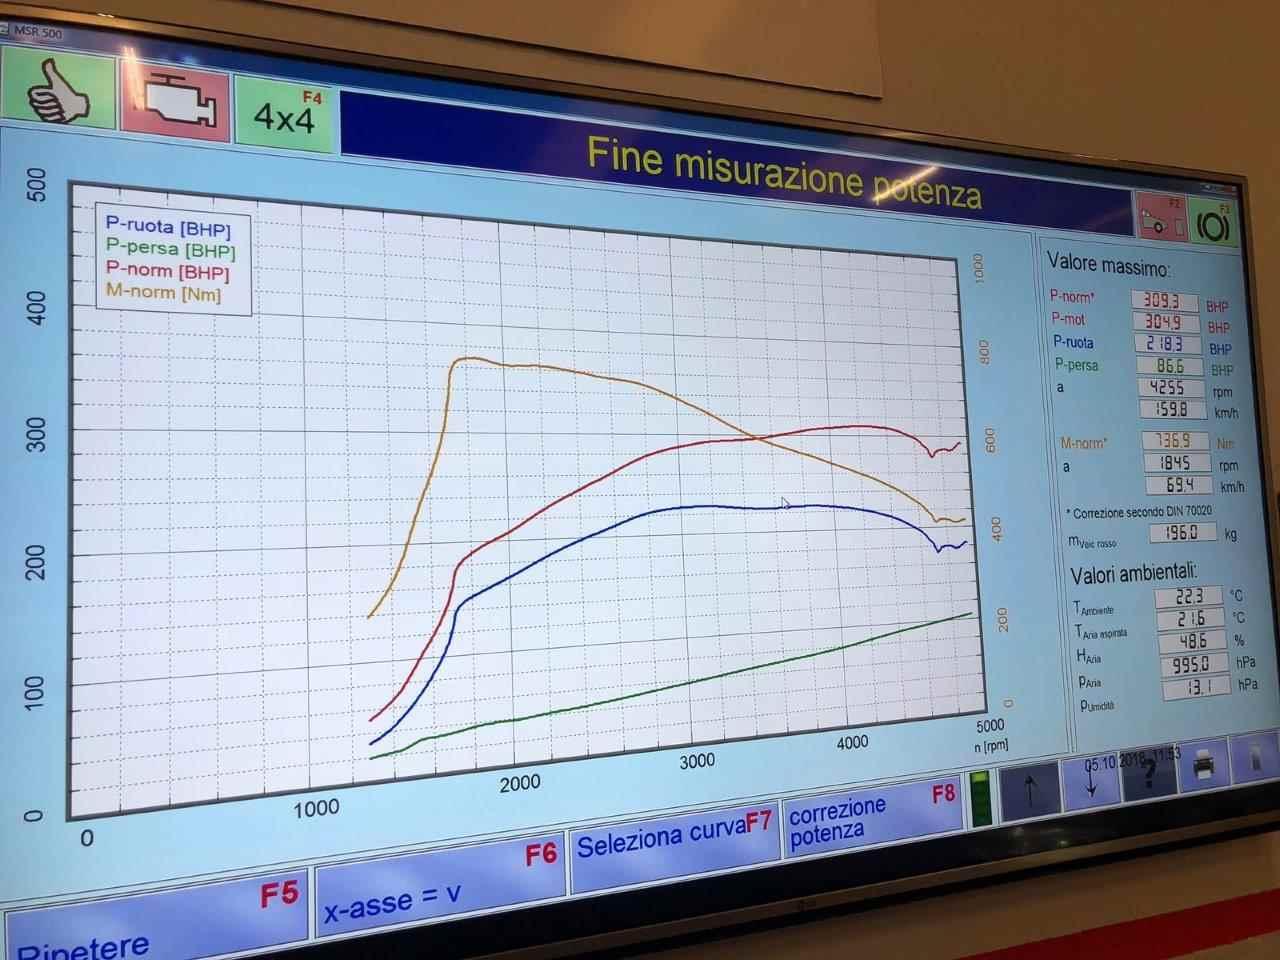 Rimappatura centralina BMW SERIE 5 G 3.0 265 CV by Ptptuning